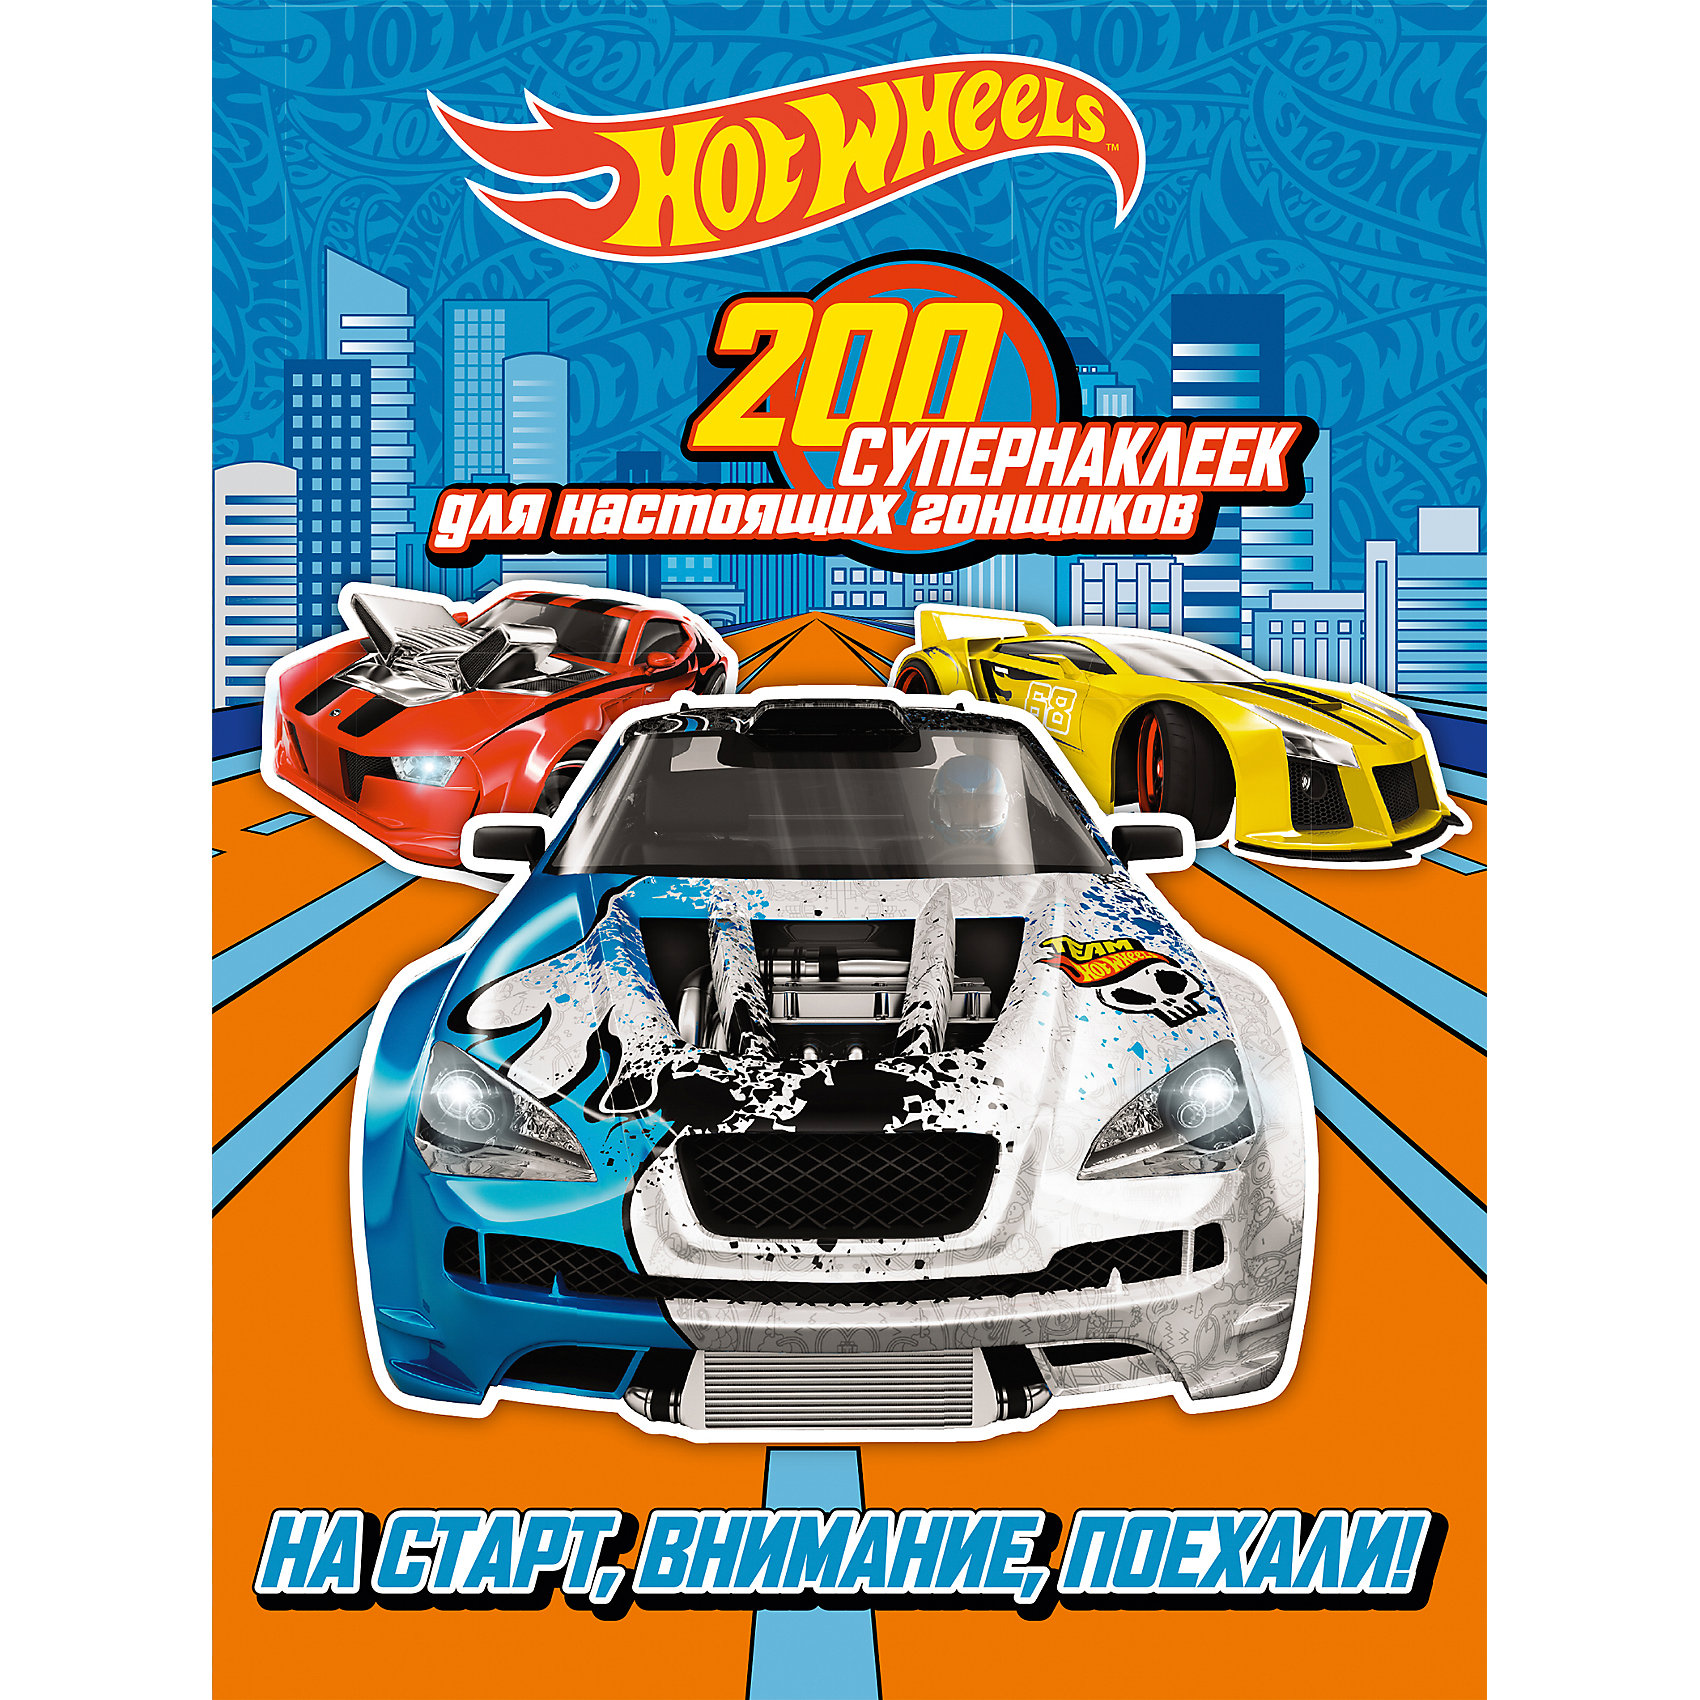 200 супернаклеек для настоящих гонщиков: На старт, внимание, поехали!Hot Wheels<br>Специально для поклонников сверхскоростного мира Hot Wheels! Суперкрутые автомобили, захватывающие трассы, задания для самых смелых и более 200 наклеек ждут тебя!<br><br>Ширина мм: 280<br>Глубина мм: 210<br>Высота мм: 20<br>Вес г: 110<br>Возраст от месяцев: 72<br>Возраст до месяцев: 2147483647<br>Пол: Унисекс<br>Возраст: Детский<br>SKU: 5535332